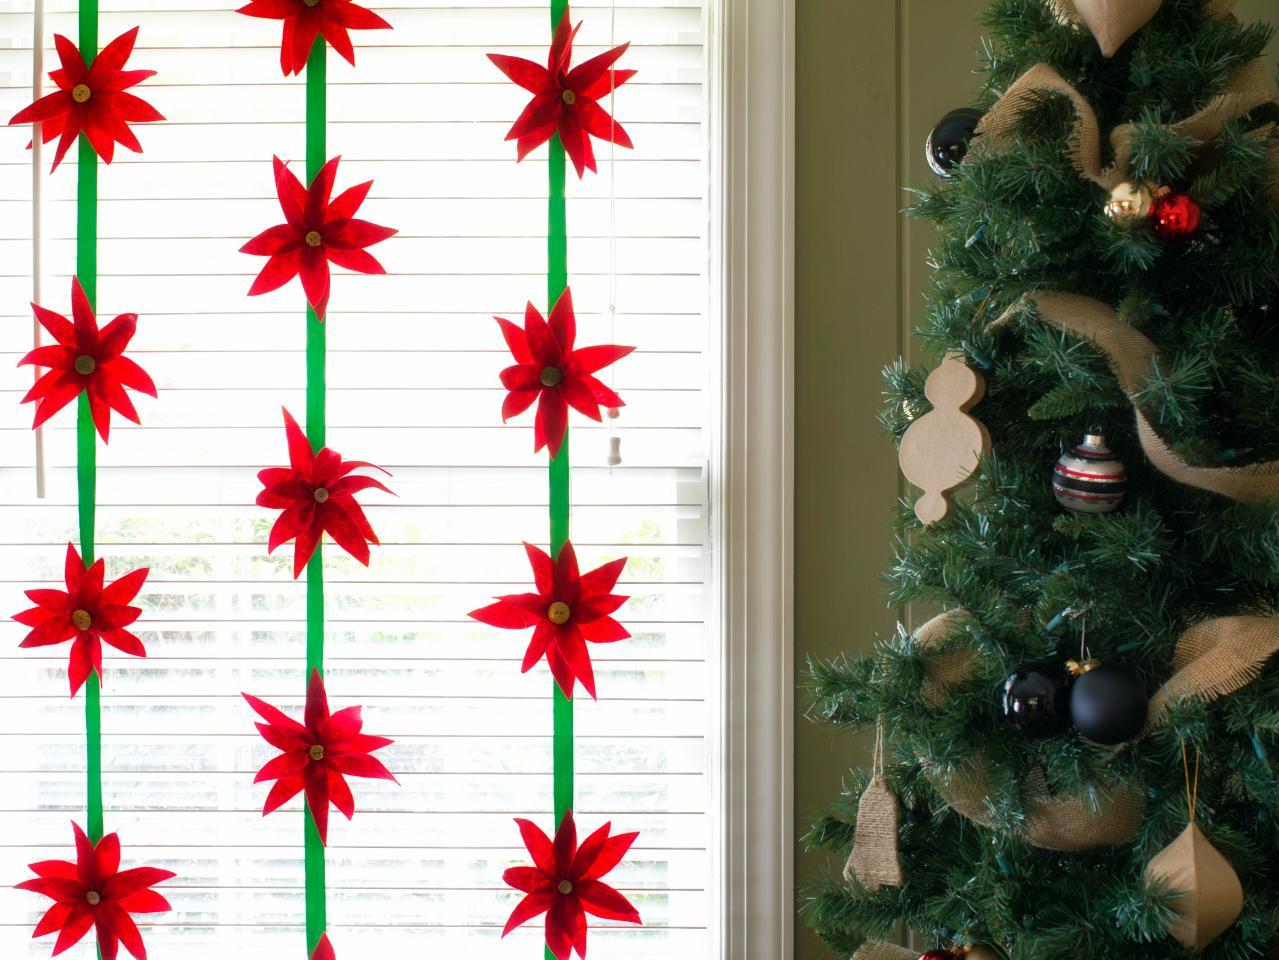 Оформление окна на фетровыми гирляндами на Новый год